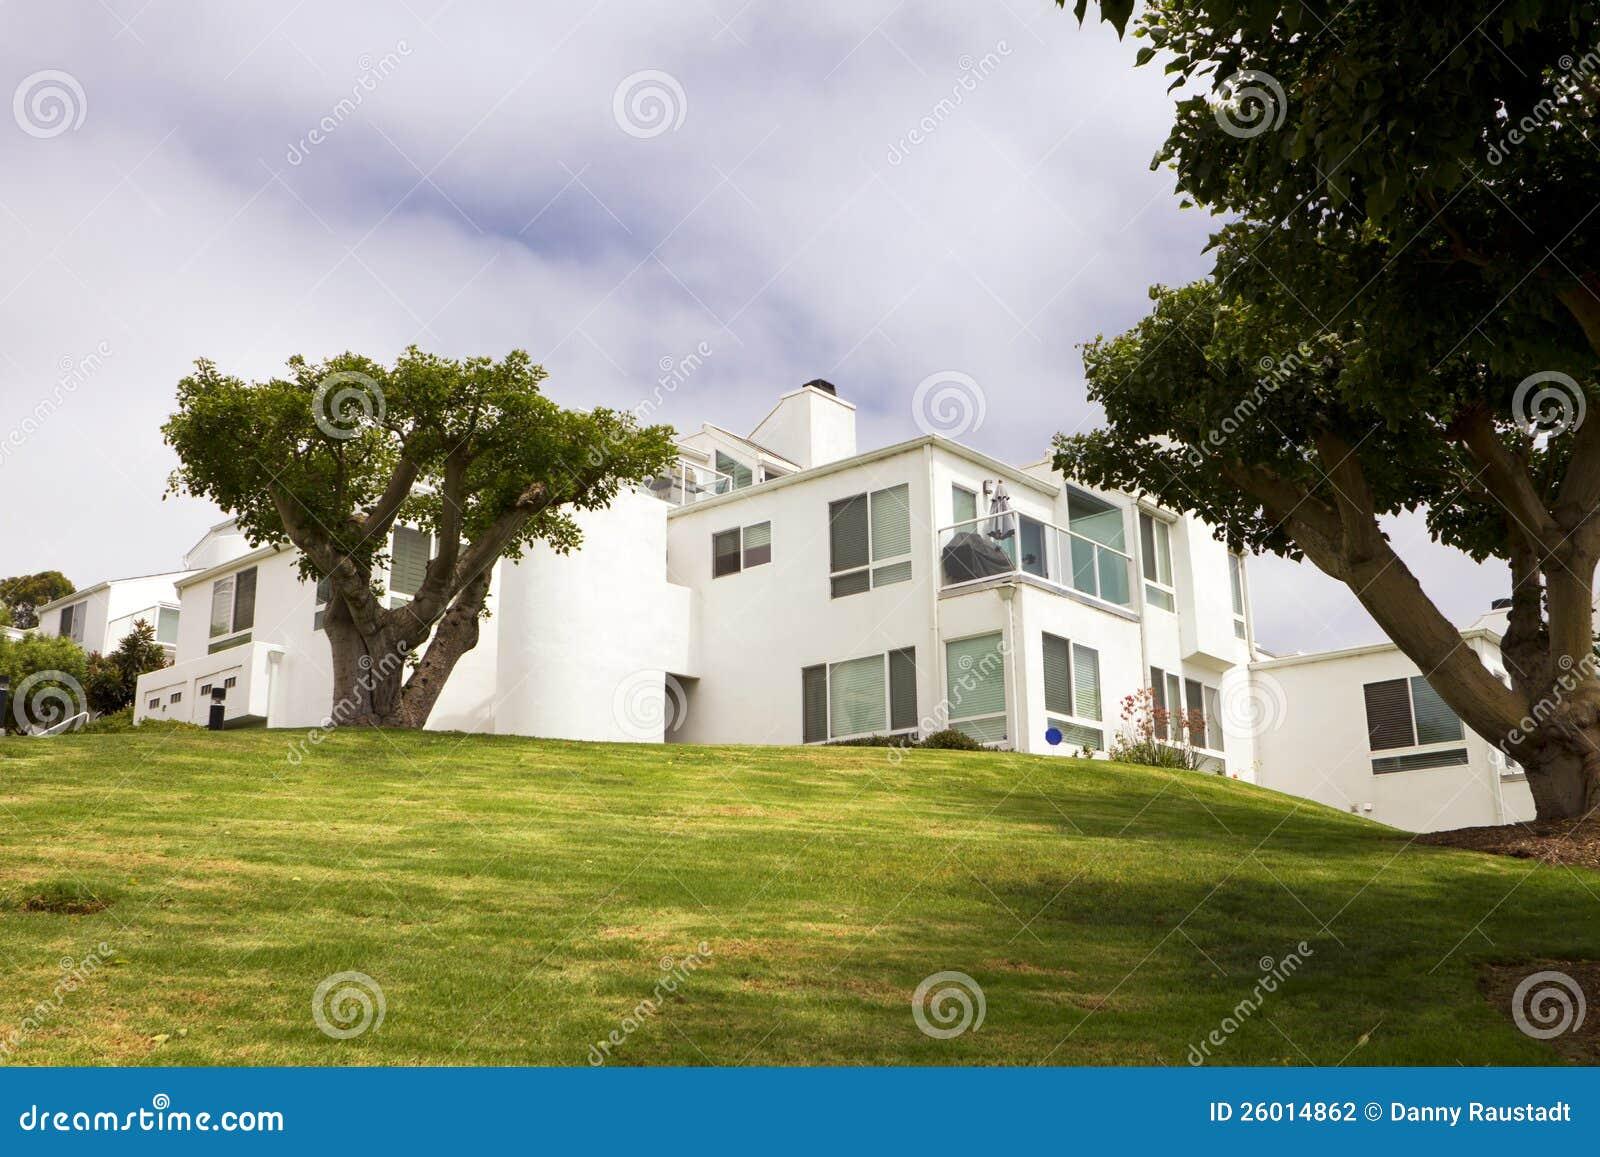 Casas blancas modernas en una colina en california - Casas blancas modernas ...